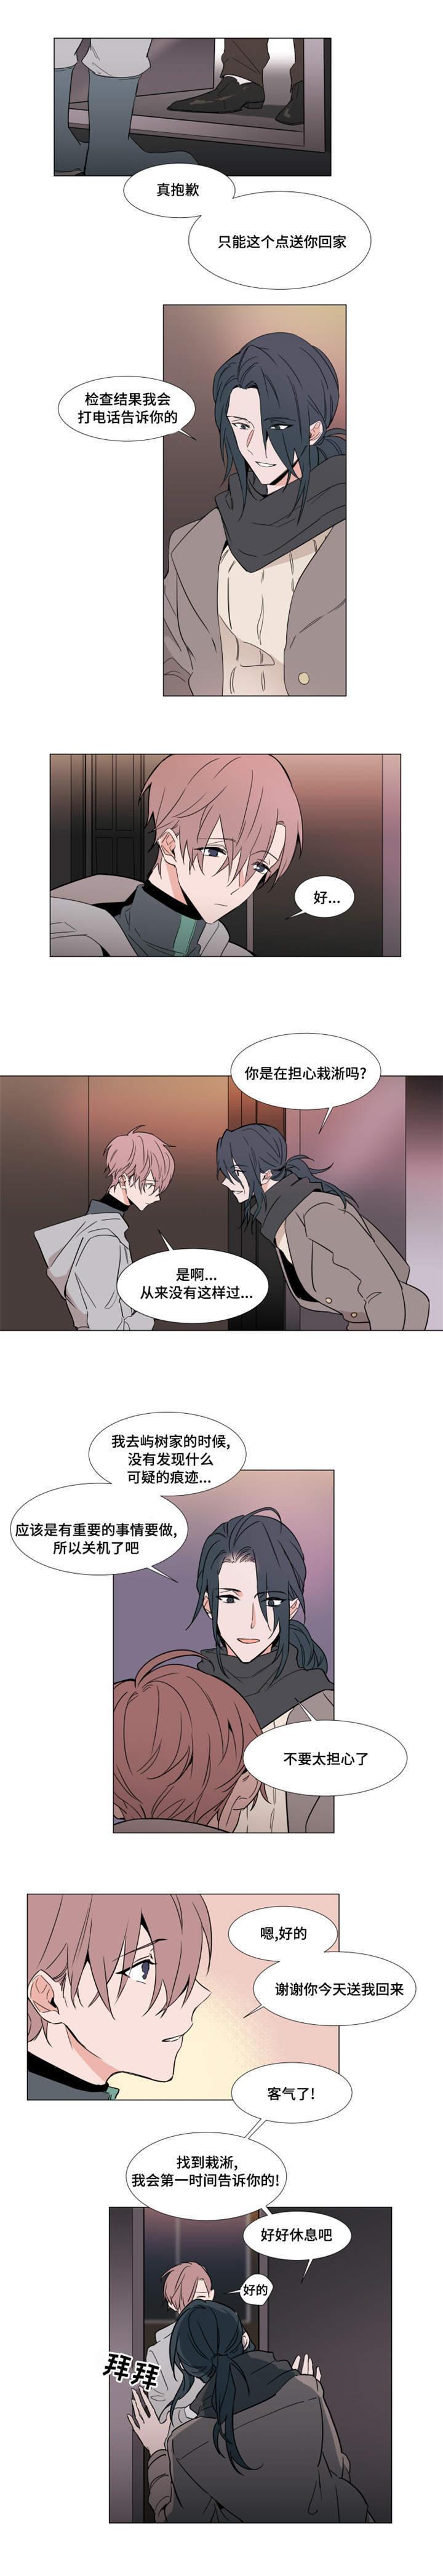 恋爱韩漫:《植物效应》 第22-24话-天狐阅读